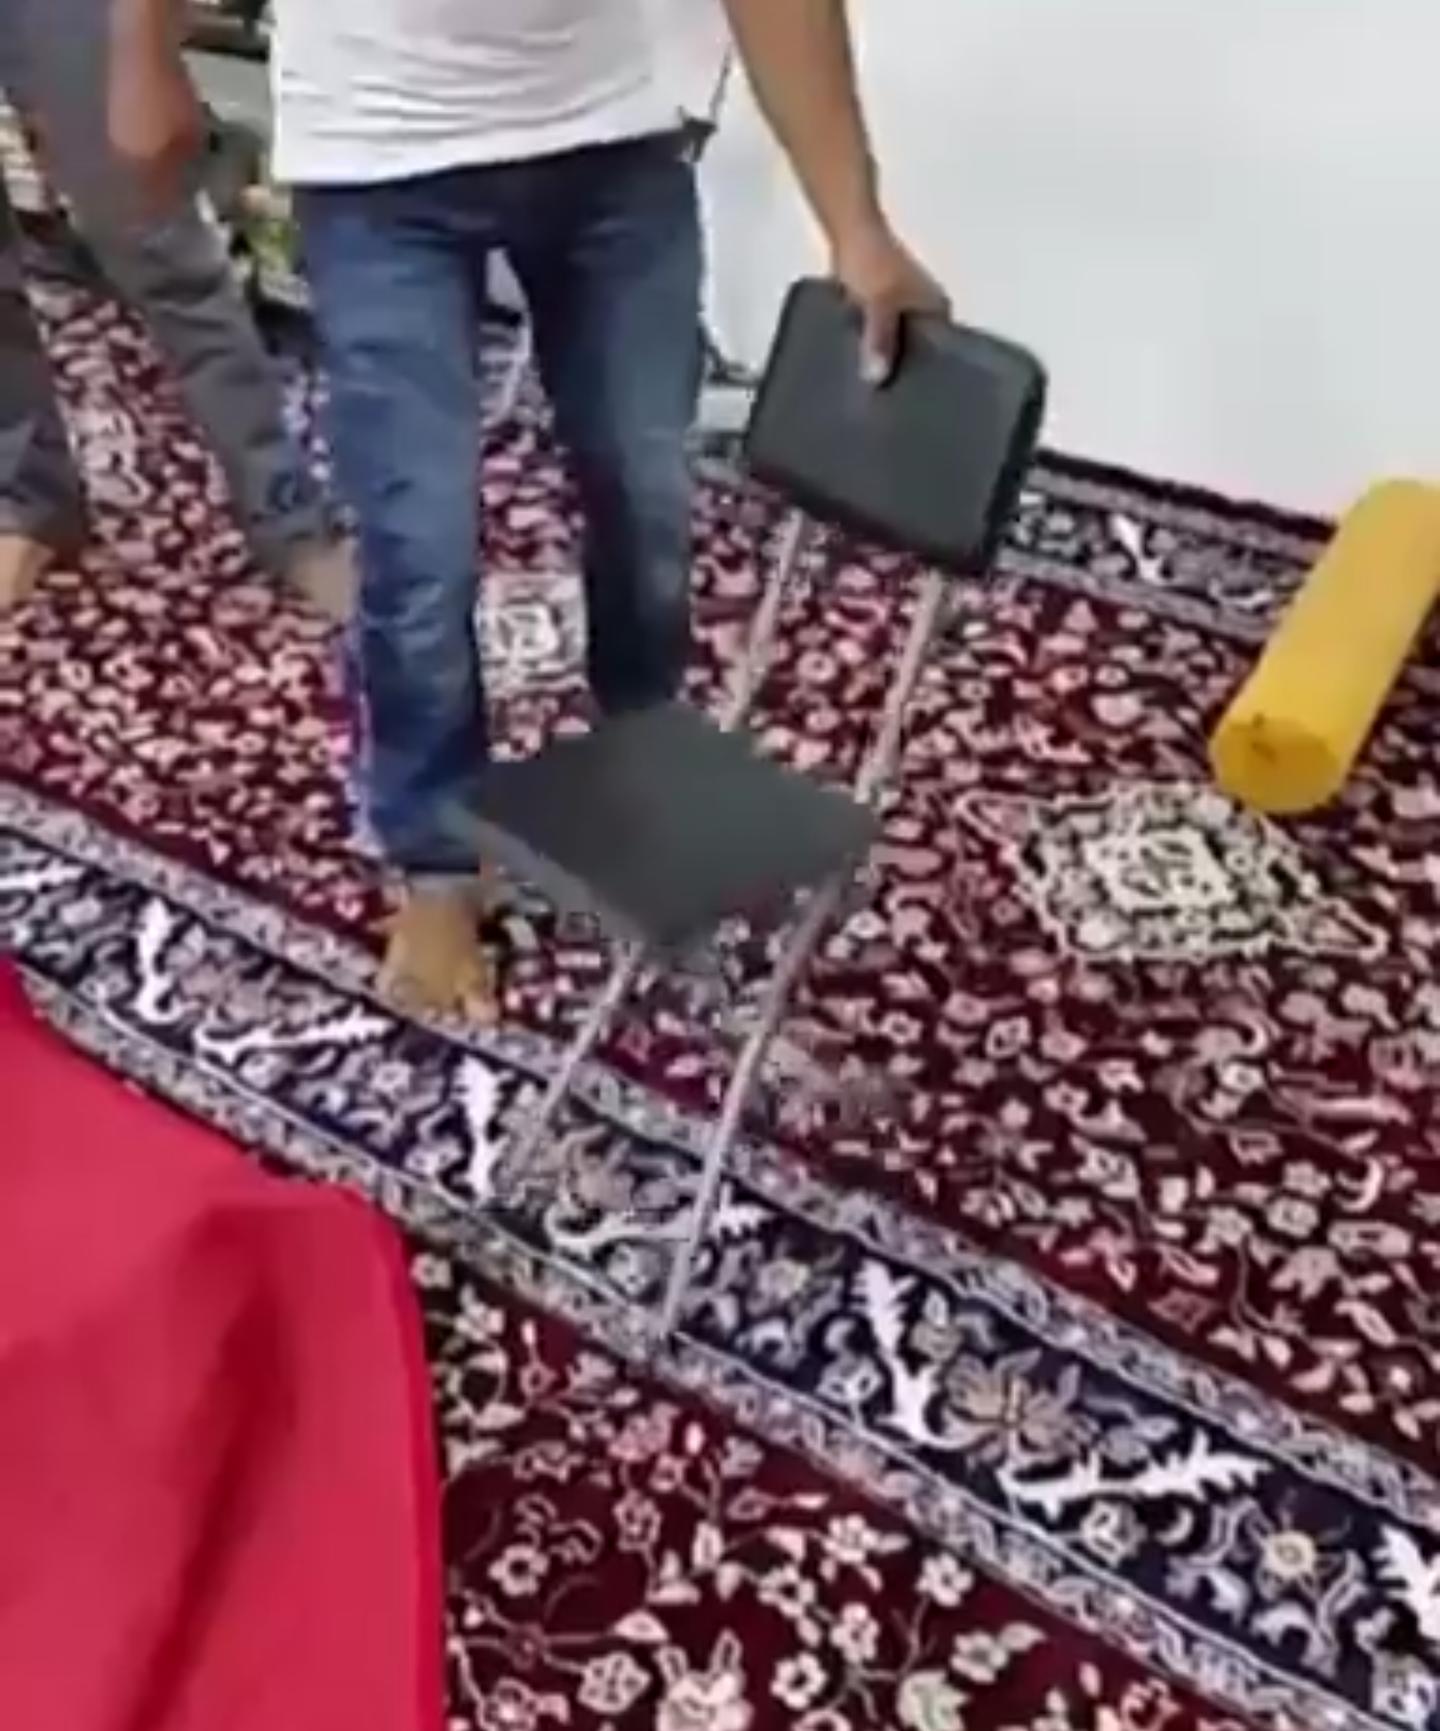 فيديو ? عامل يختتم حياته بالمسجد  اللهم حسن الخاتمة